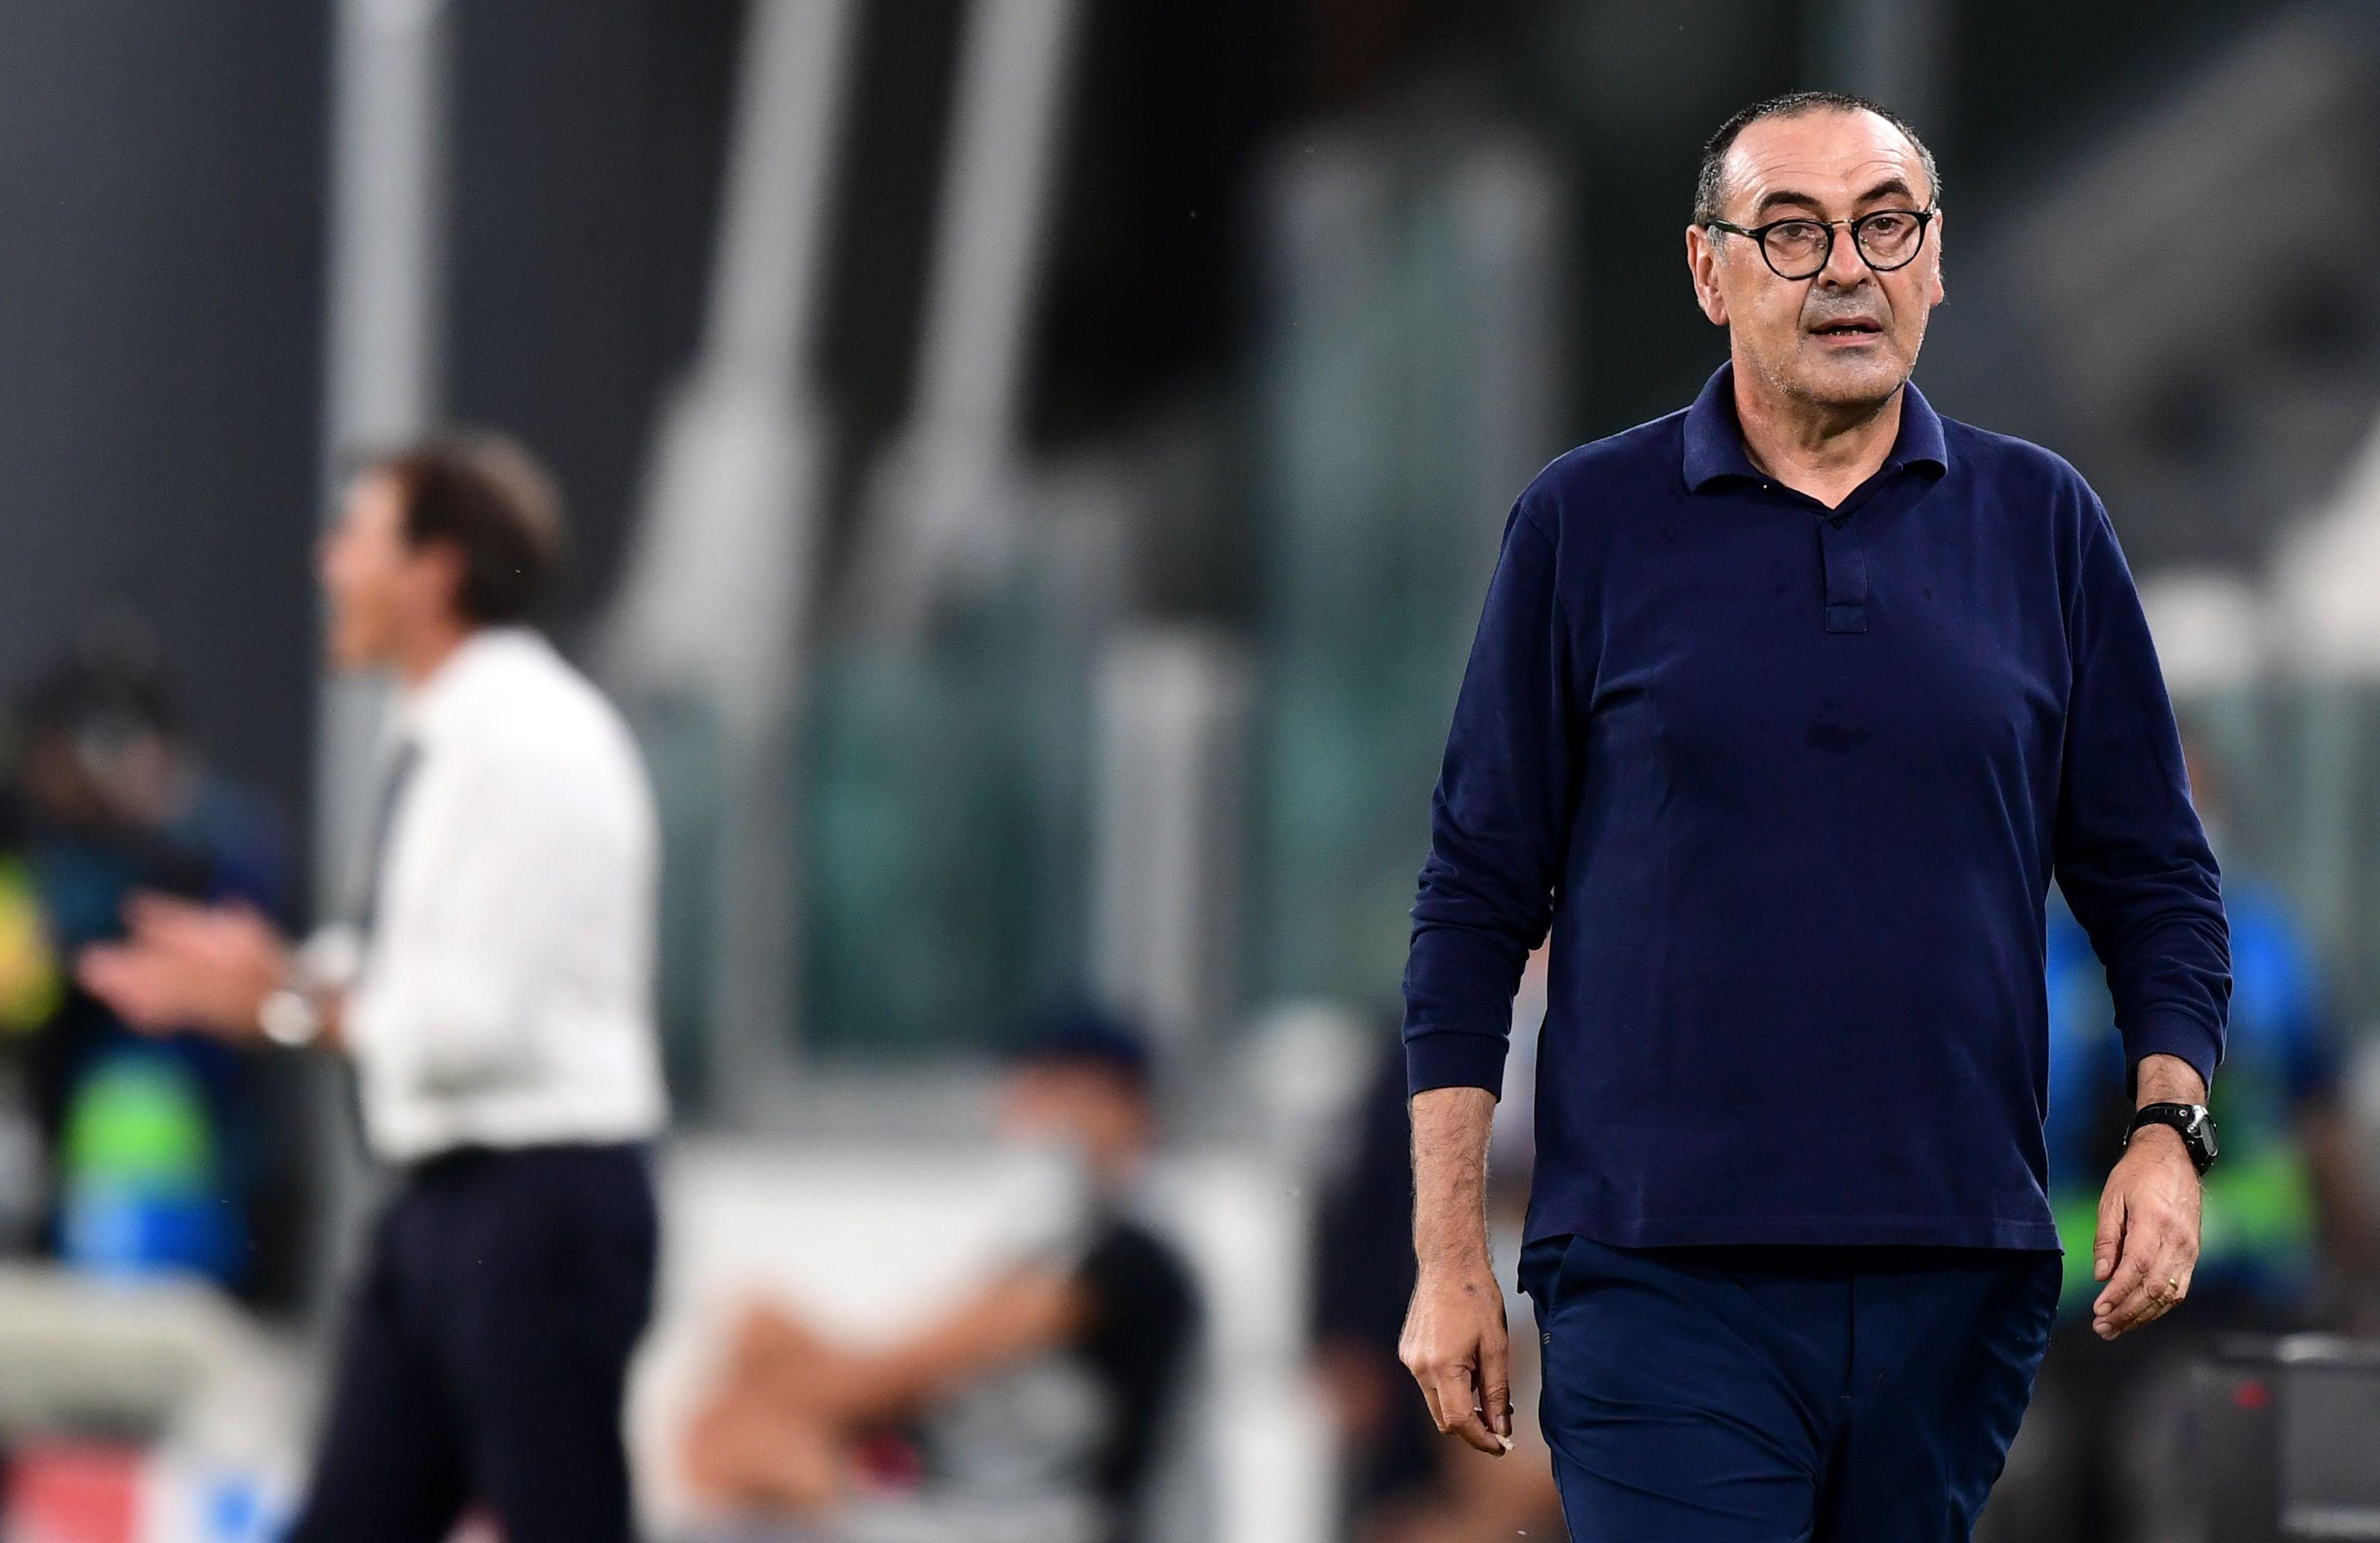 La Juventus despide a Maurizio Sarri   AhoraMismo.com